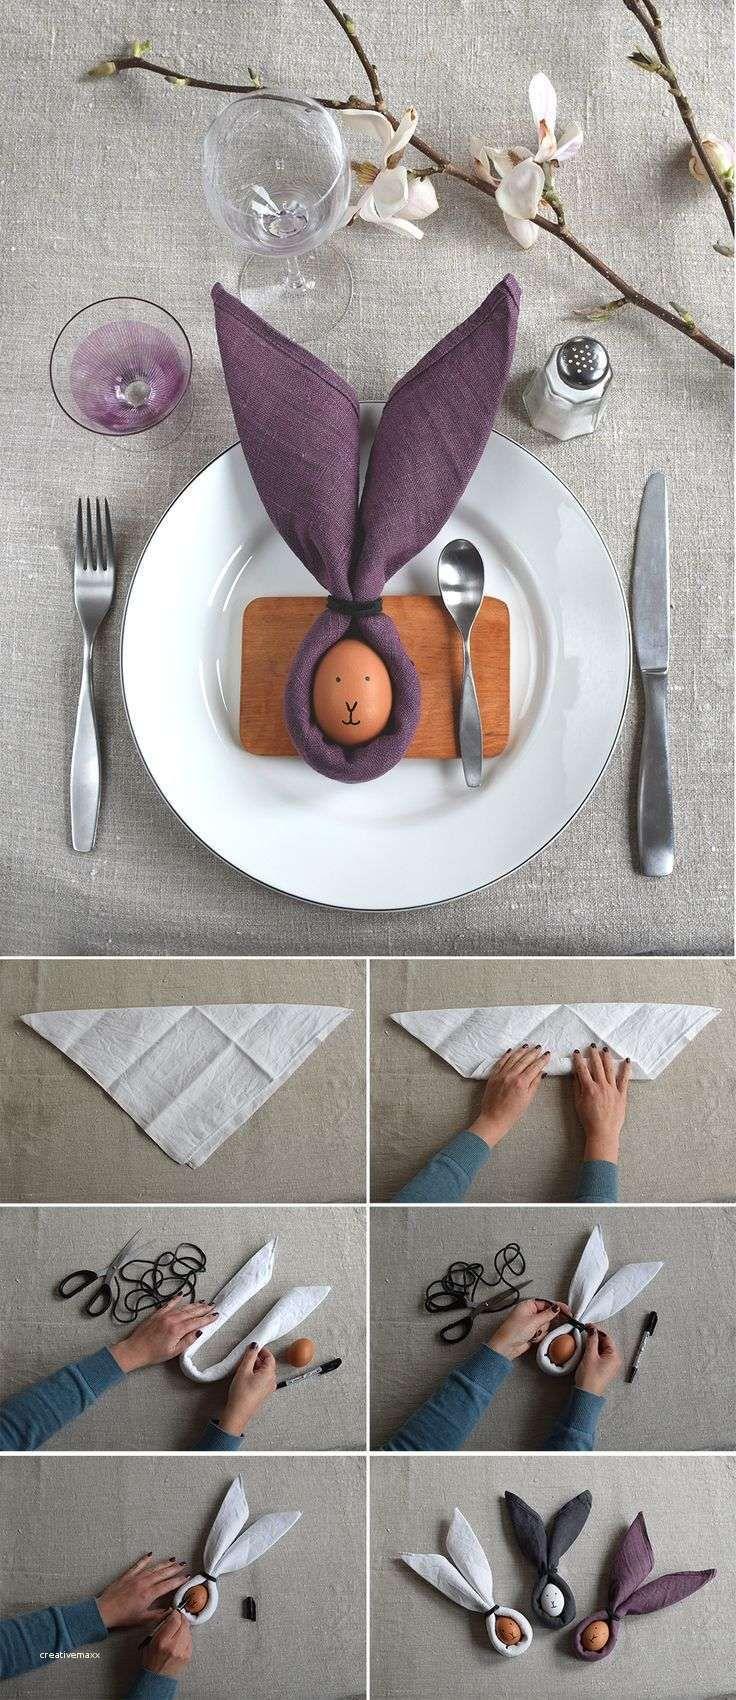 Tischdeko Ostern - Servietten falten